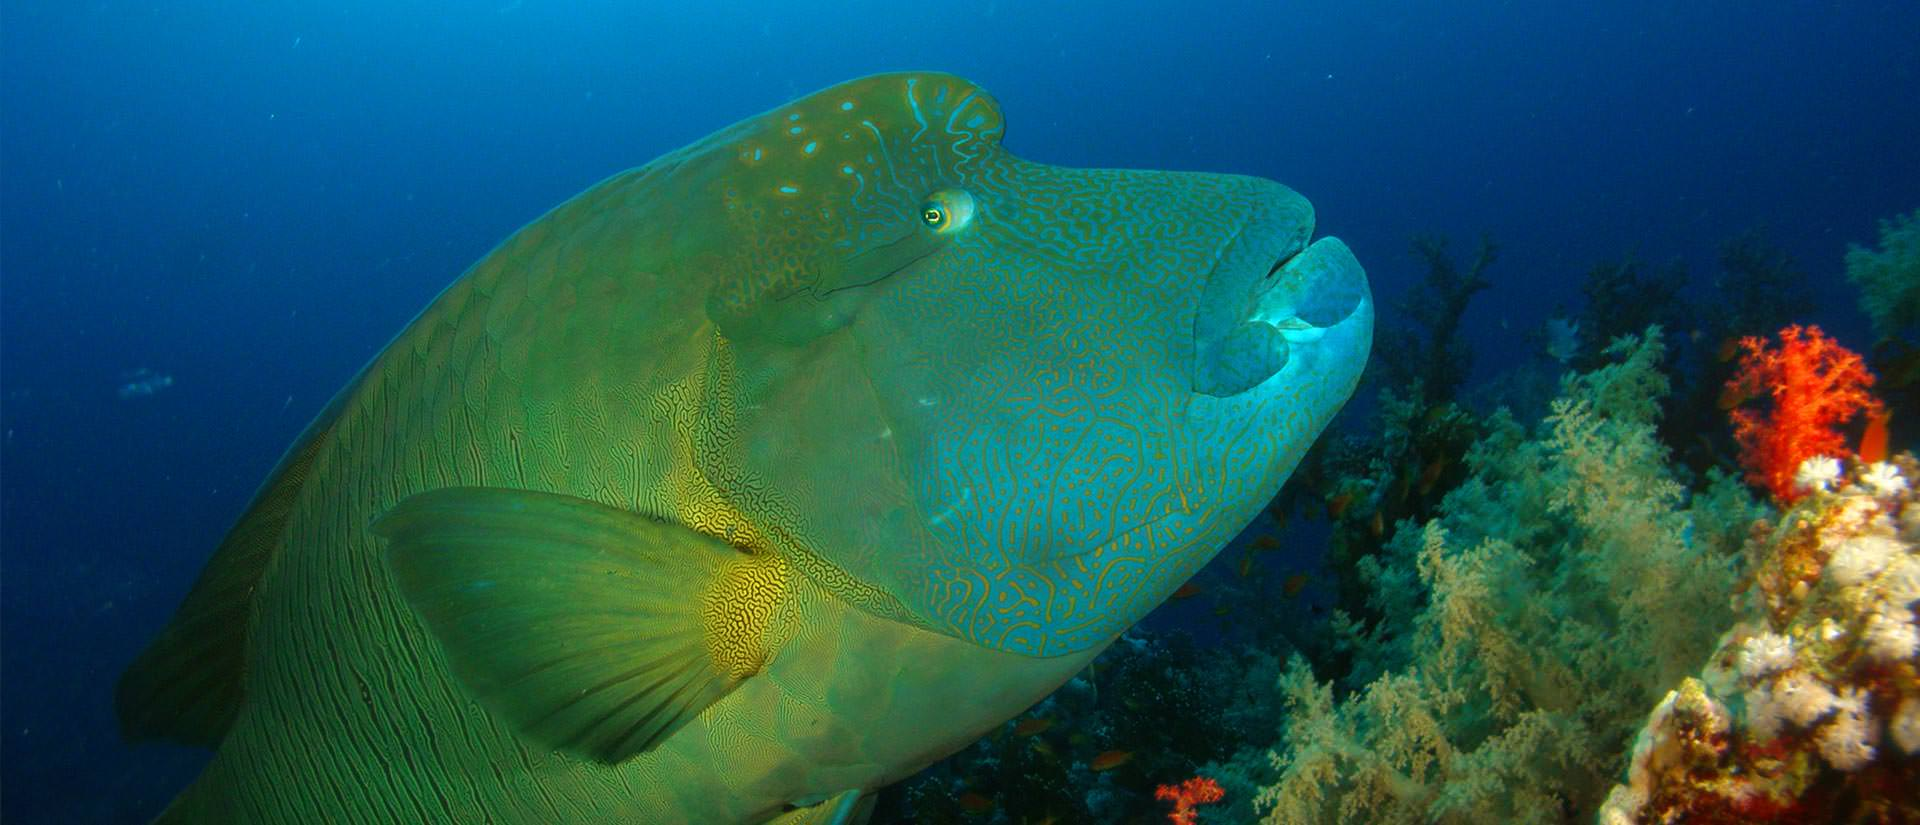 קורס הנייטרוקס של צלילה גיאוגרפית